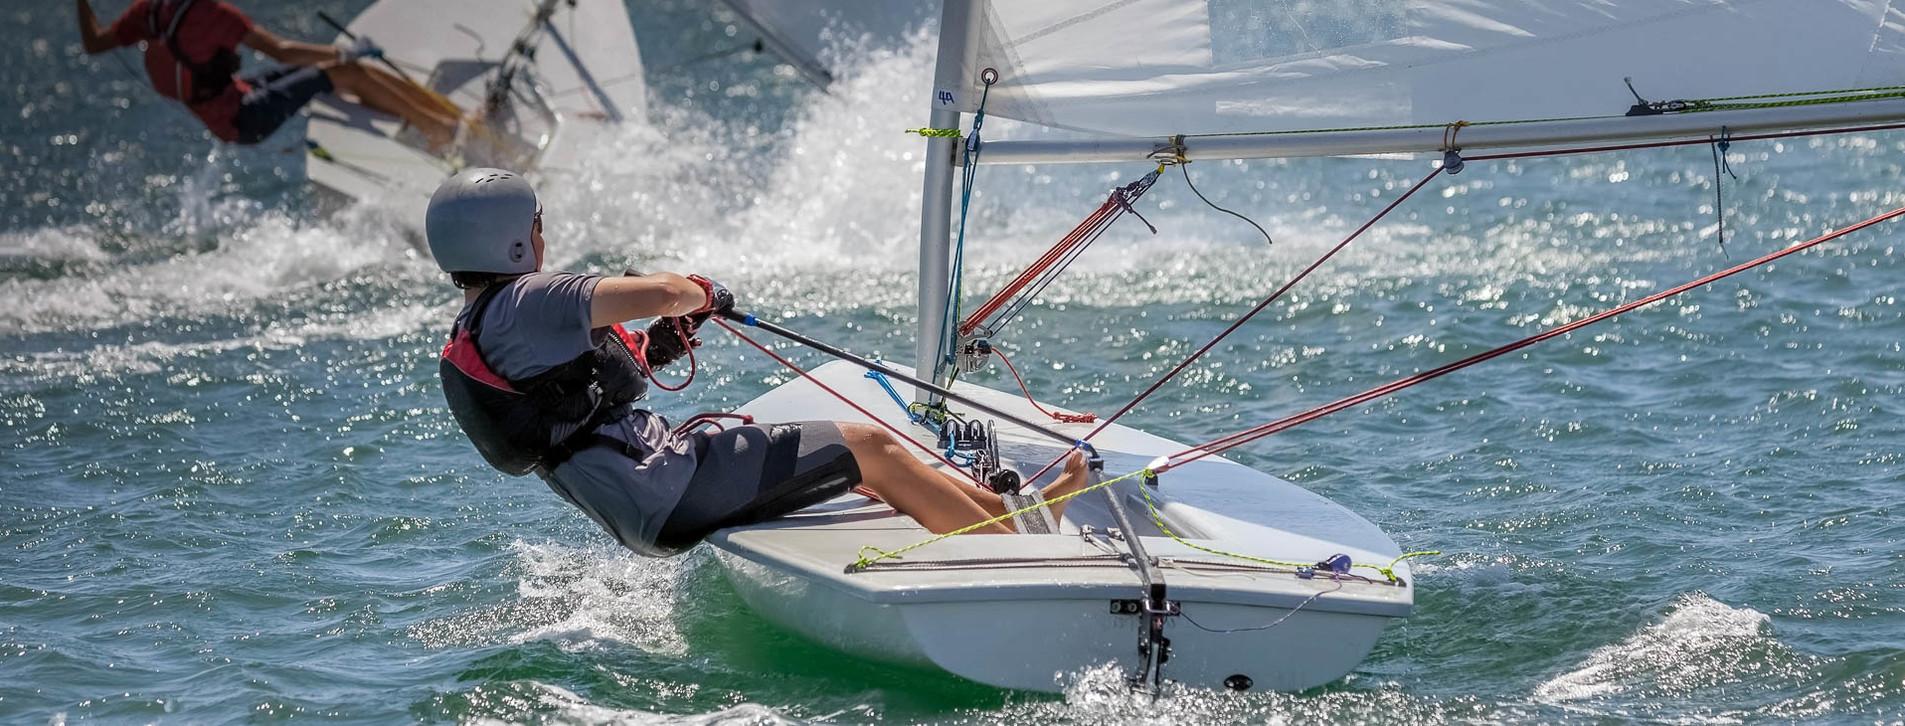 Фото 1 - Мастер-класс олимпийской яхты